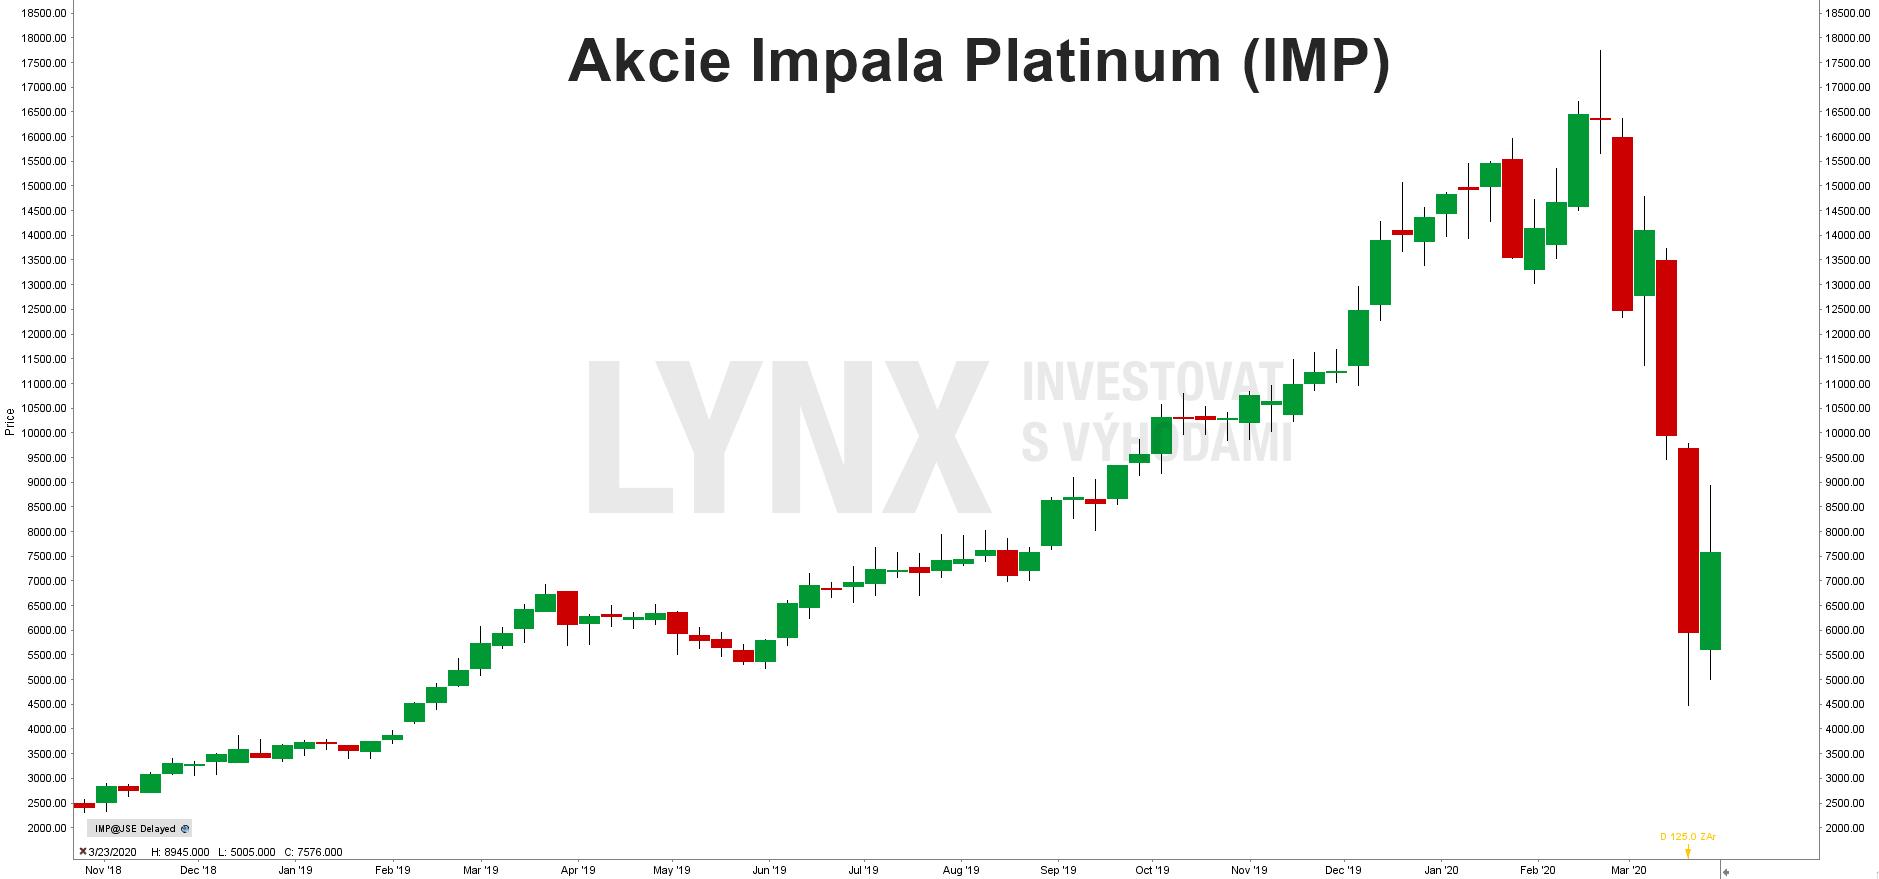 Akcie Impala Platinum (IMP)